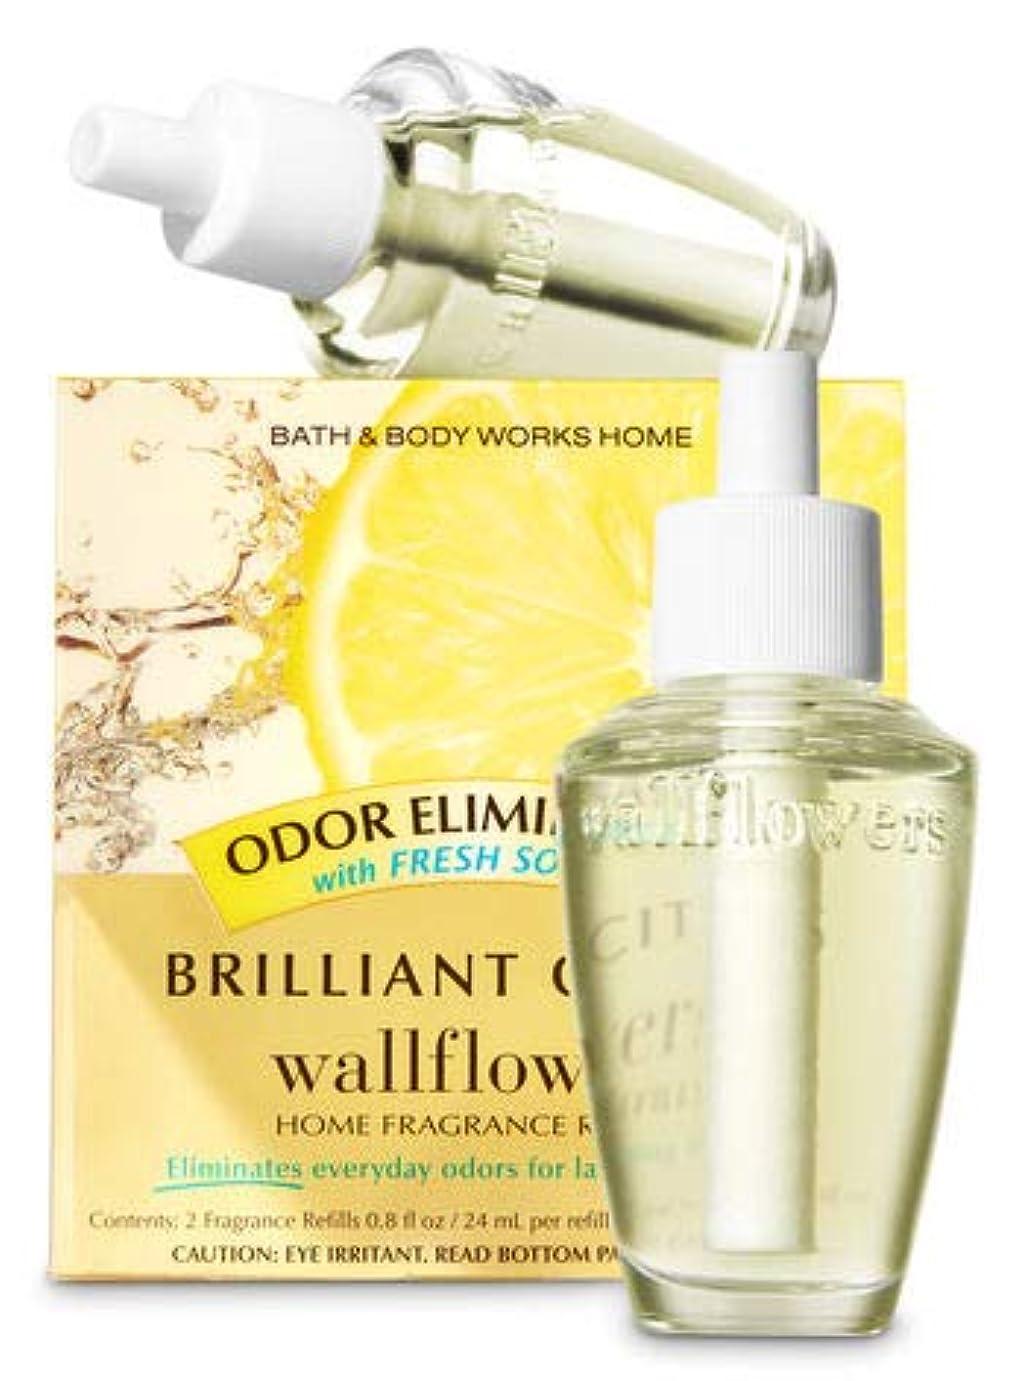 先駆者しかし定数【Bath&Body Works/バス&ボディワークス】 ルームフレグランス 詰替えリフィル(2個入り) 消臭効果付き ブリリアントシトラス Wallflowers Home Fragrance 2-Pack Refills Odor eliminating Brilliant Citrus [並行輸入品]